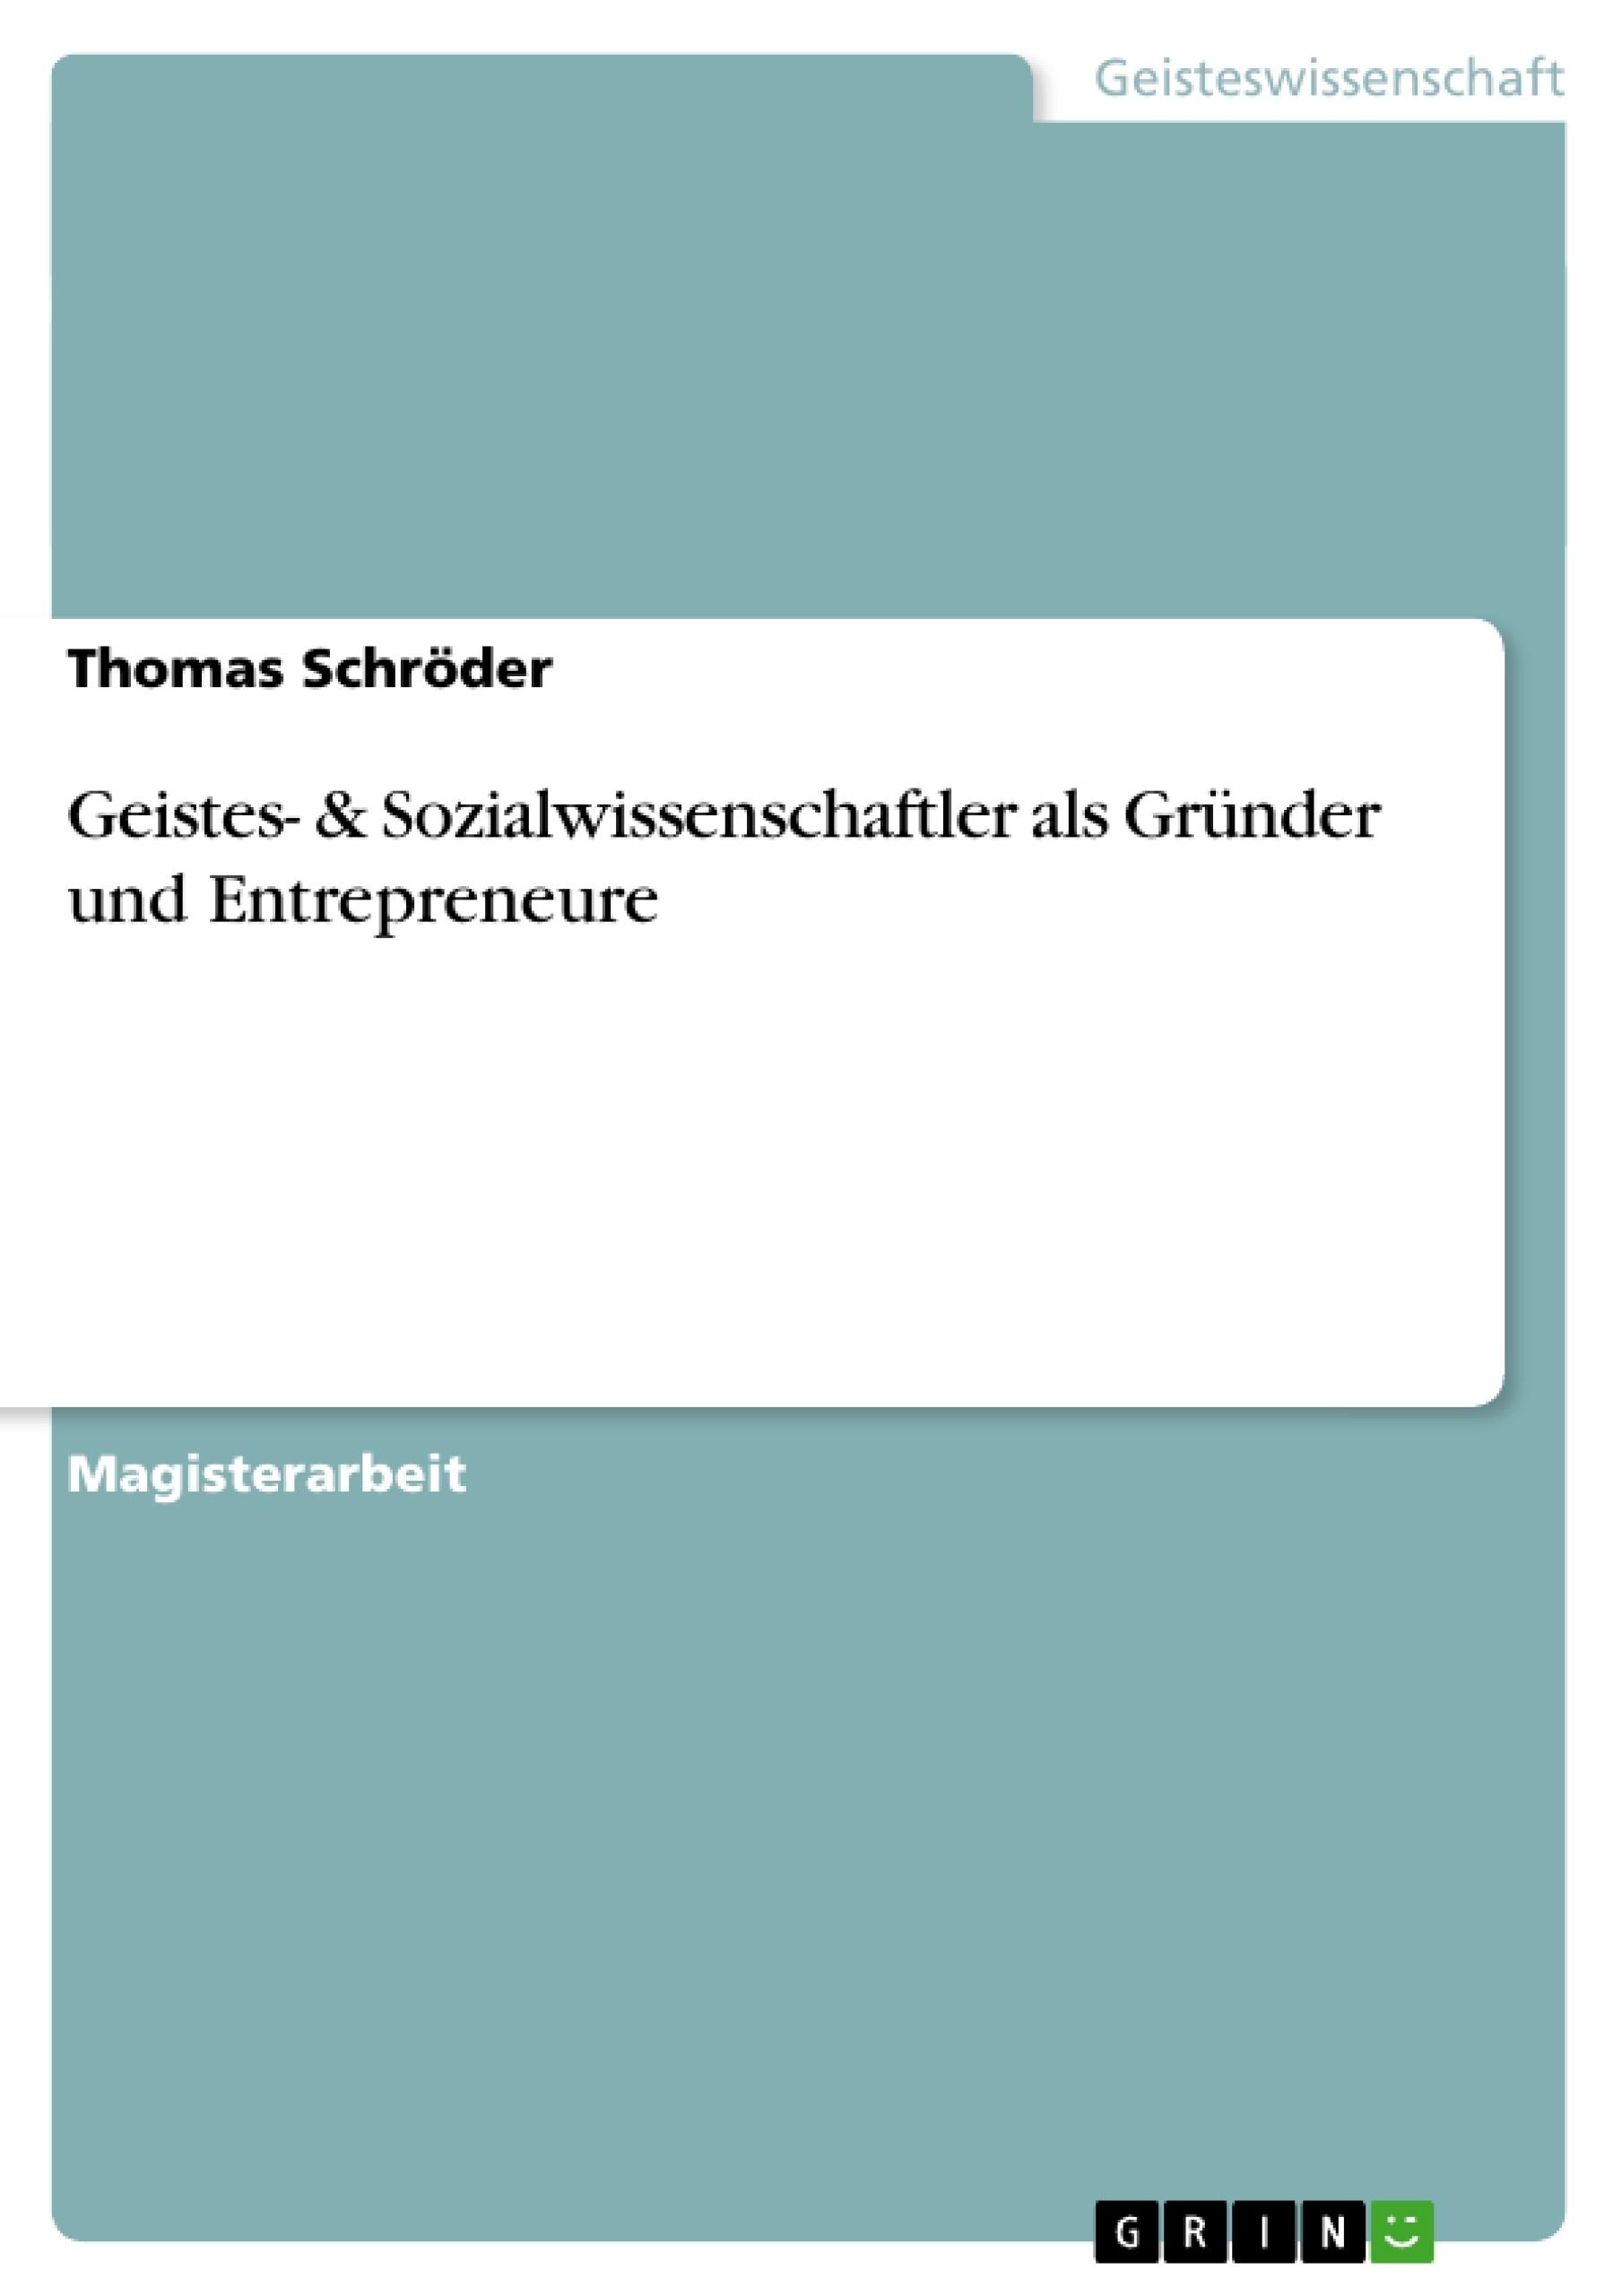 Titel: Geistes- & Sozialwissenschaftler als Gründer und Entrepreneure